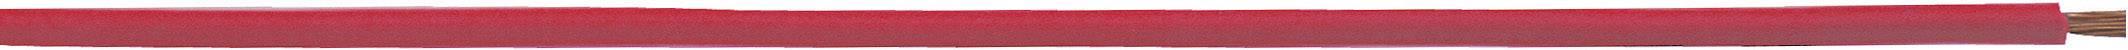 Opletenie / lanko LappKabel 4510013S H05V-K, 1 x 1 mm², vonkajší Ø 2.80 mm, 250 m, čierna